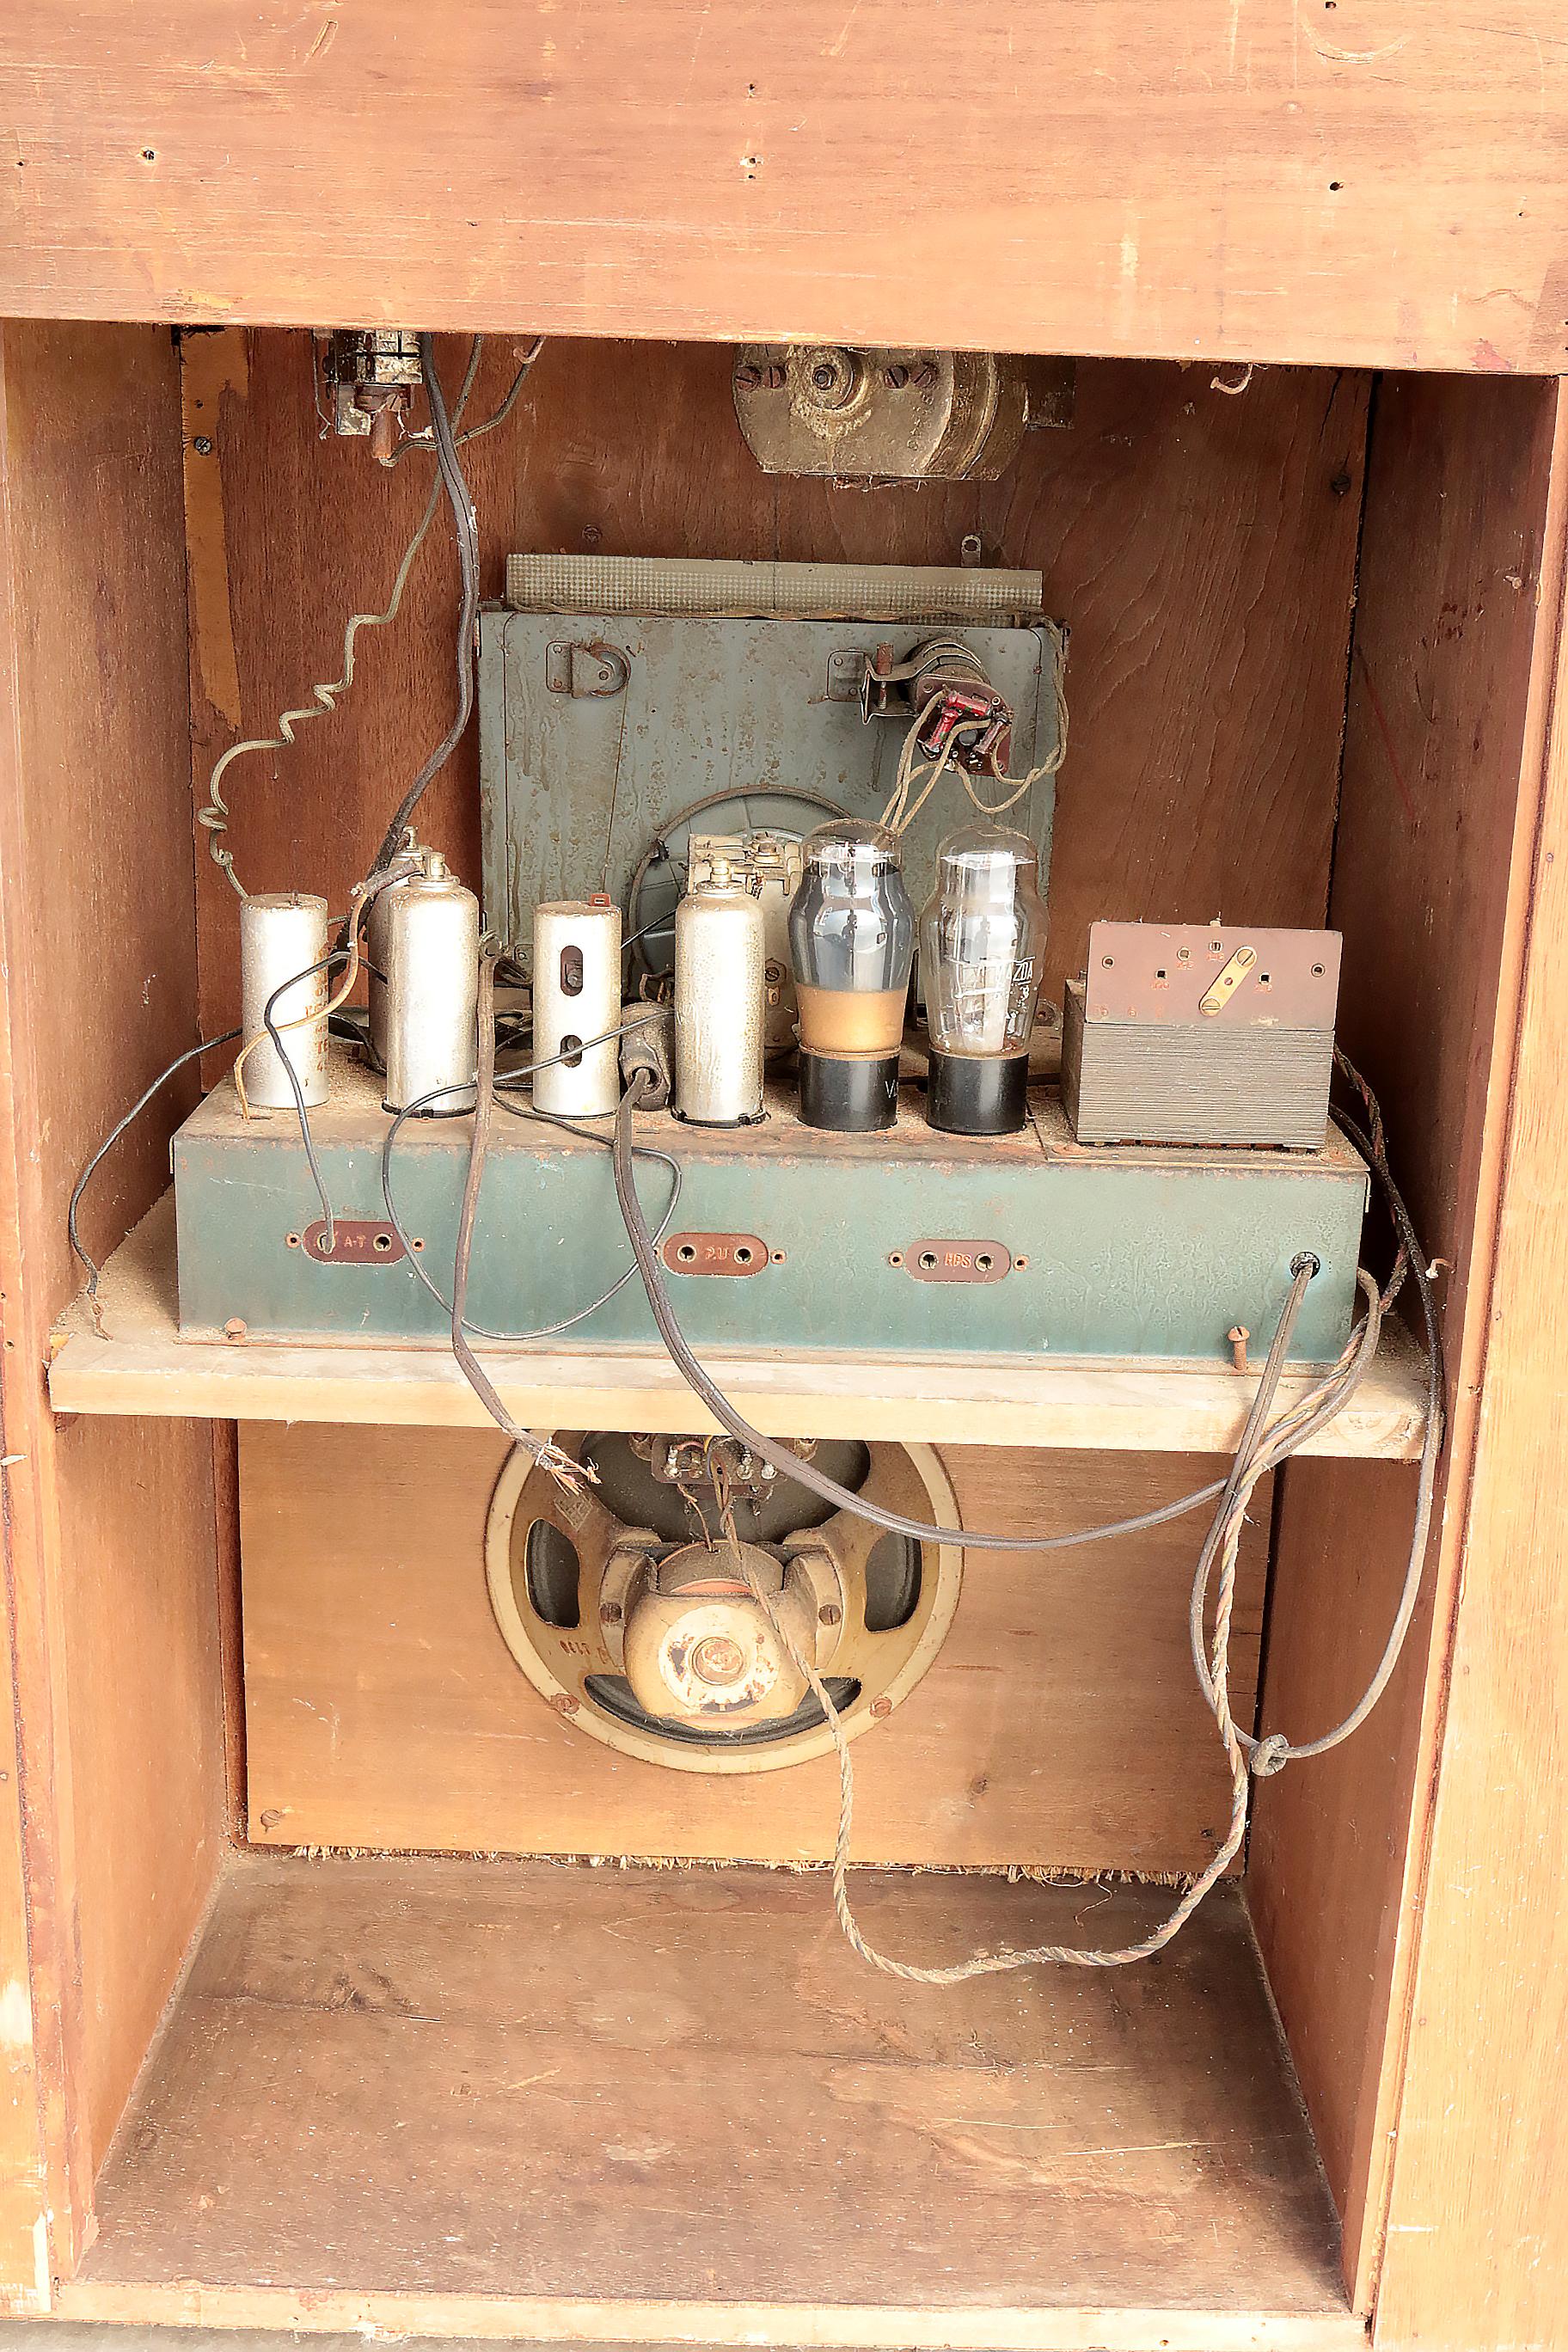 Jaren 30 Meubels.Art Deco Design Radio Pick Up Meubel Jaren 30 Museumstuk Dehuiszwaluw